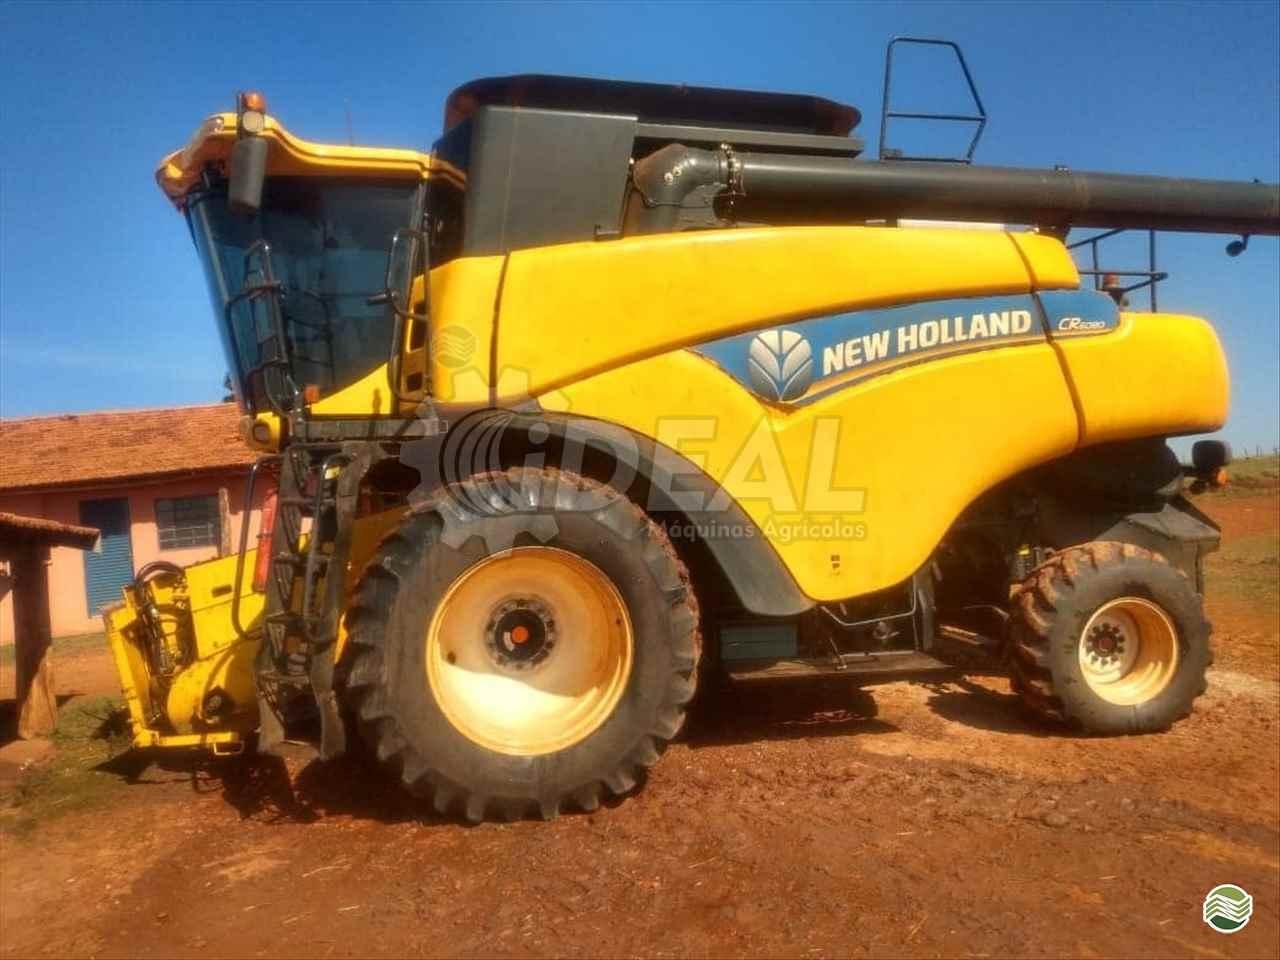 COLHEITADEIRA NEW HOLLAND CR 6080 Ideal Máquinas Agrícolas SAO GONCALO DO SAPUCAI MINAS GERAIS MG